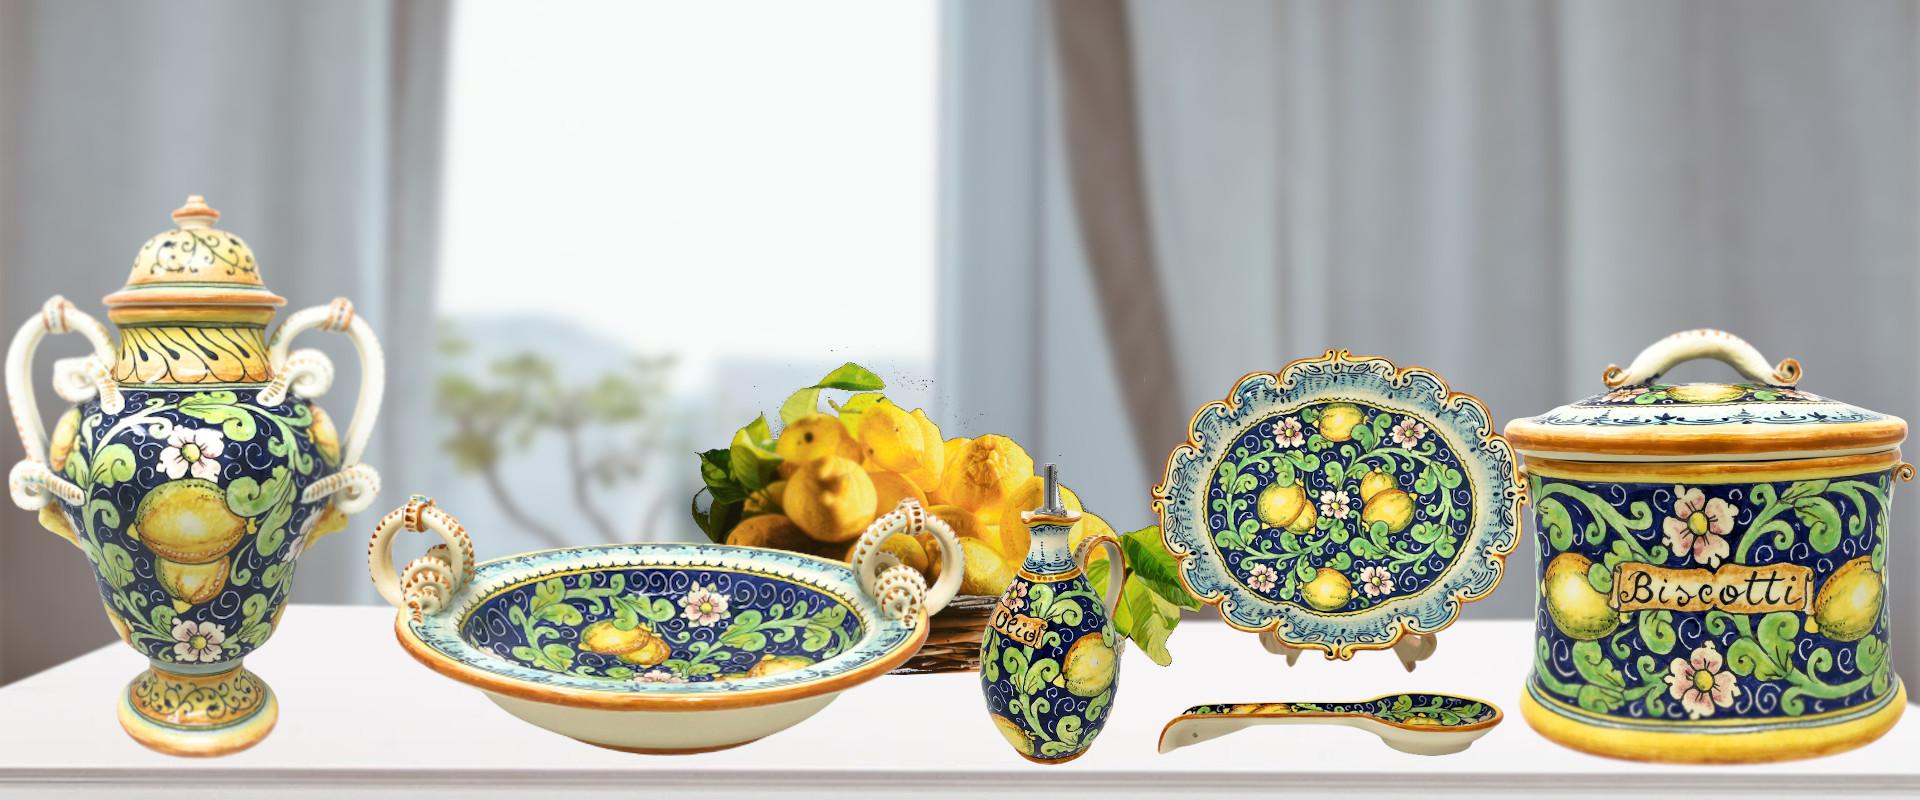 italian ceramic tuscan